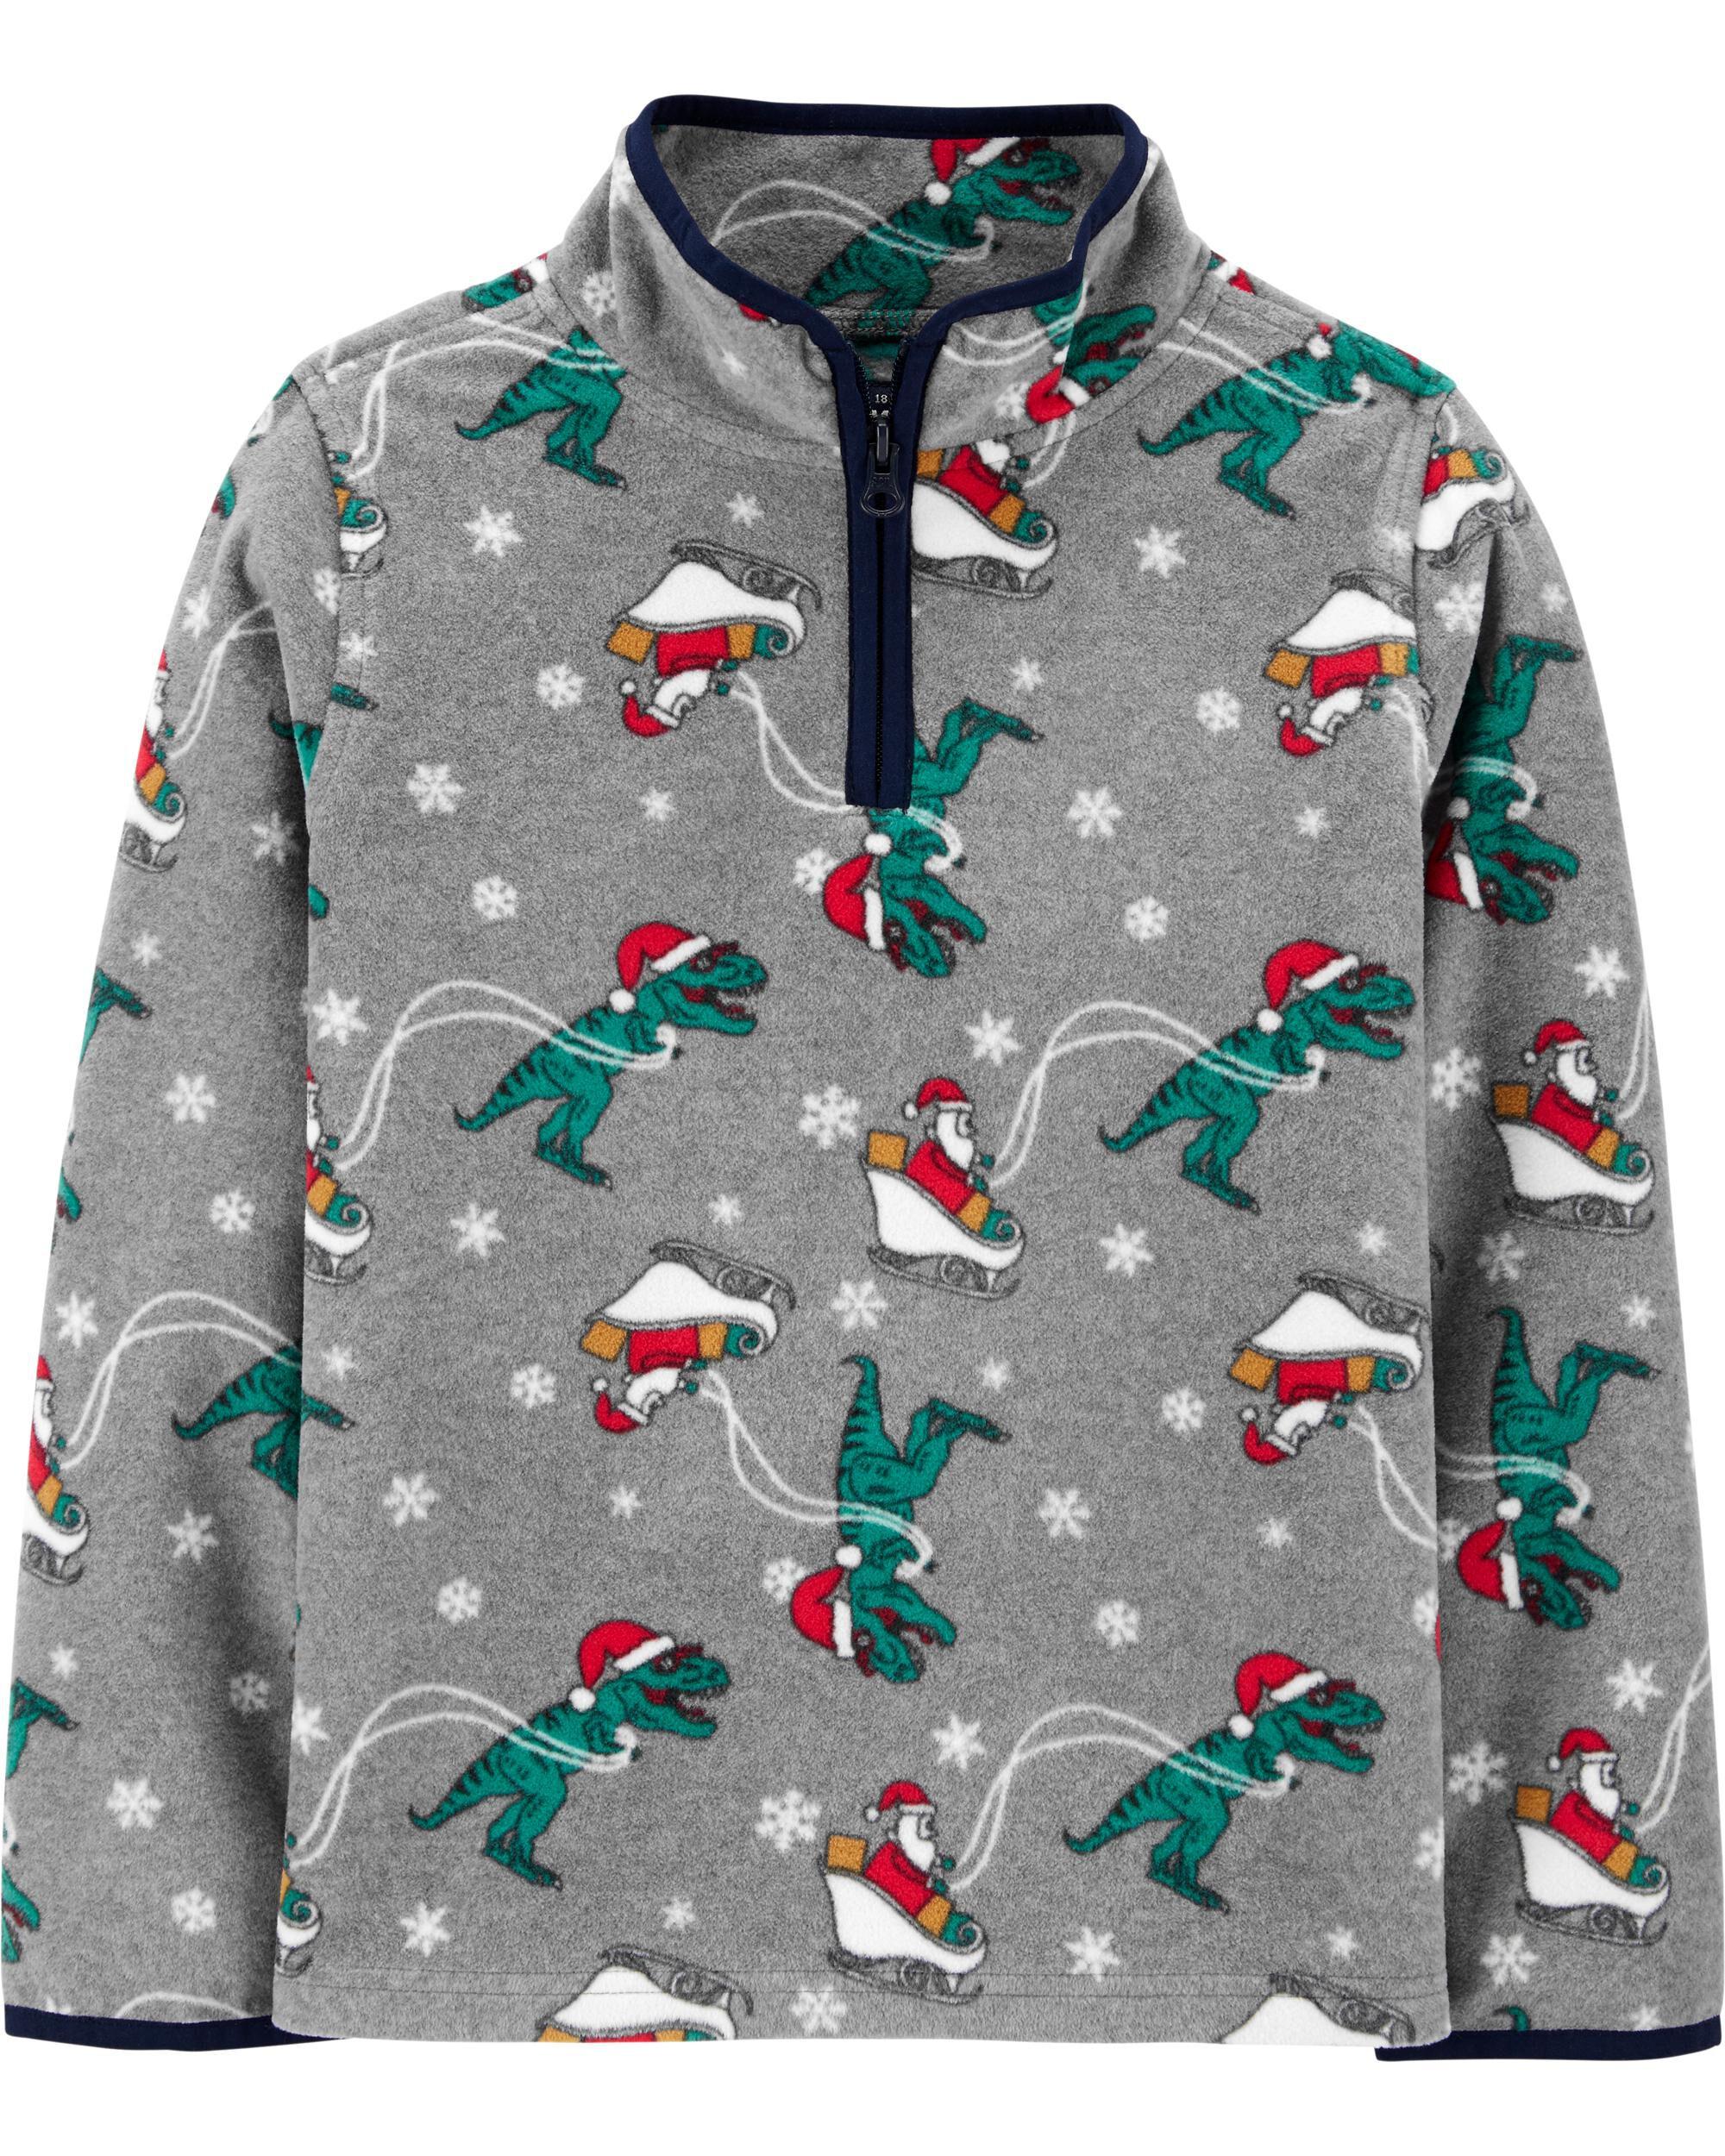 *DOORBUSTER* Christmas Dinosaur B'gosh Fleece Cozie